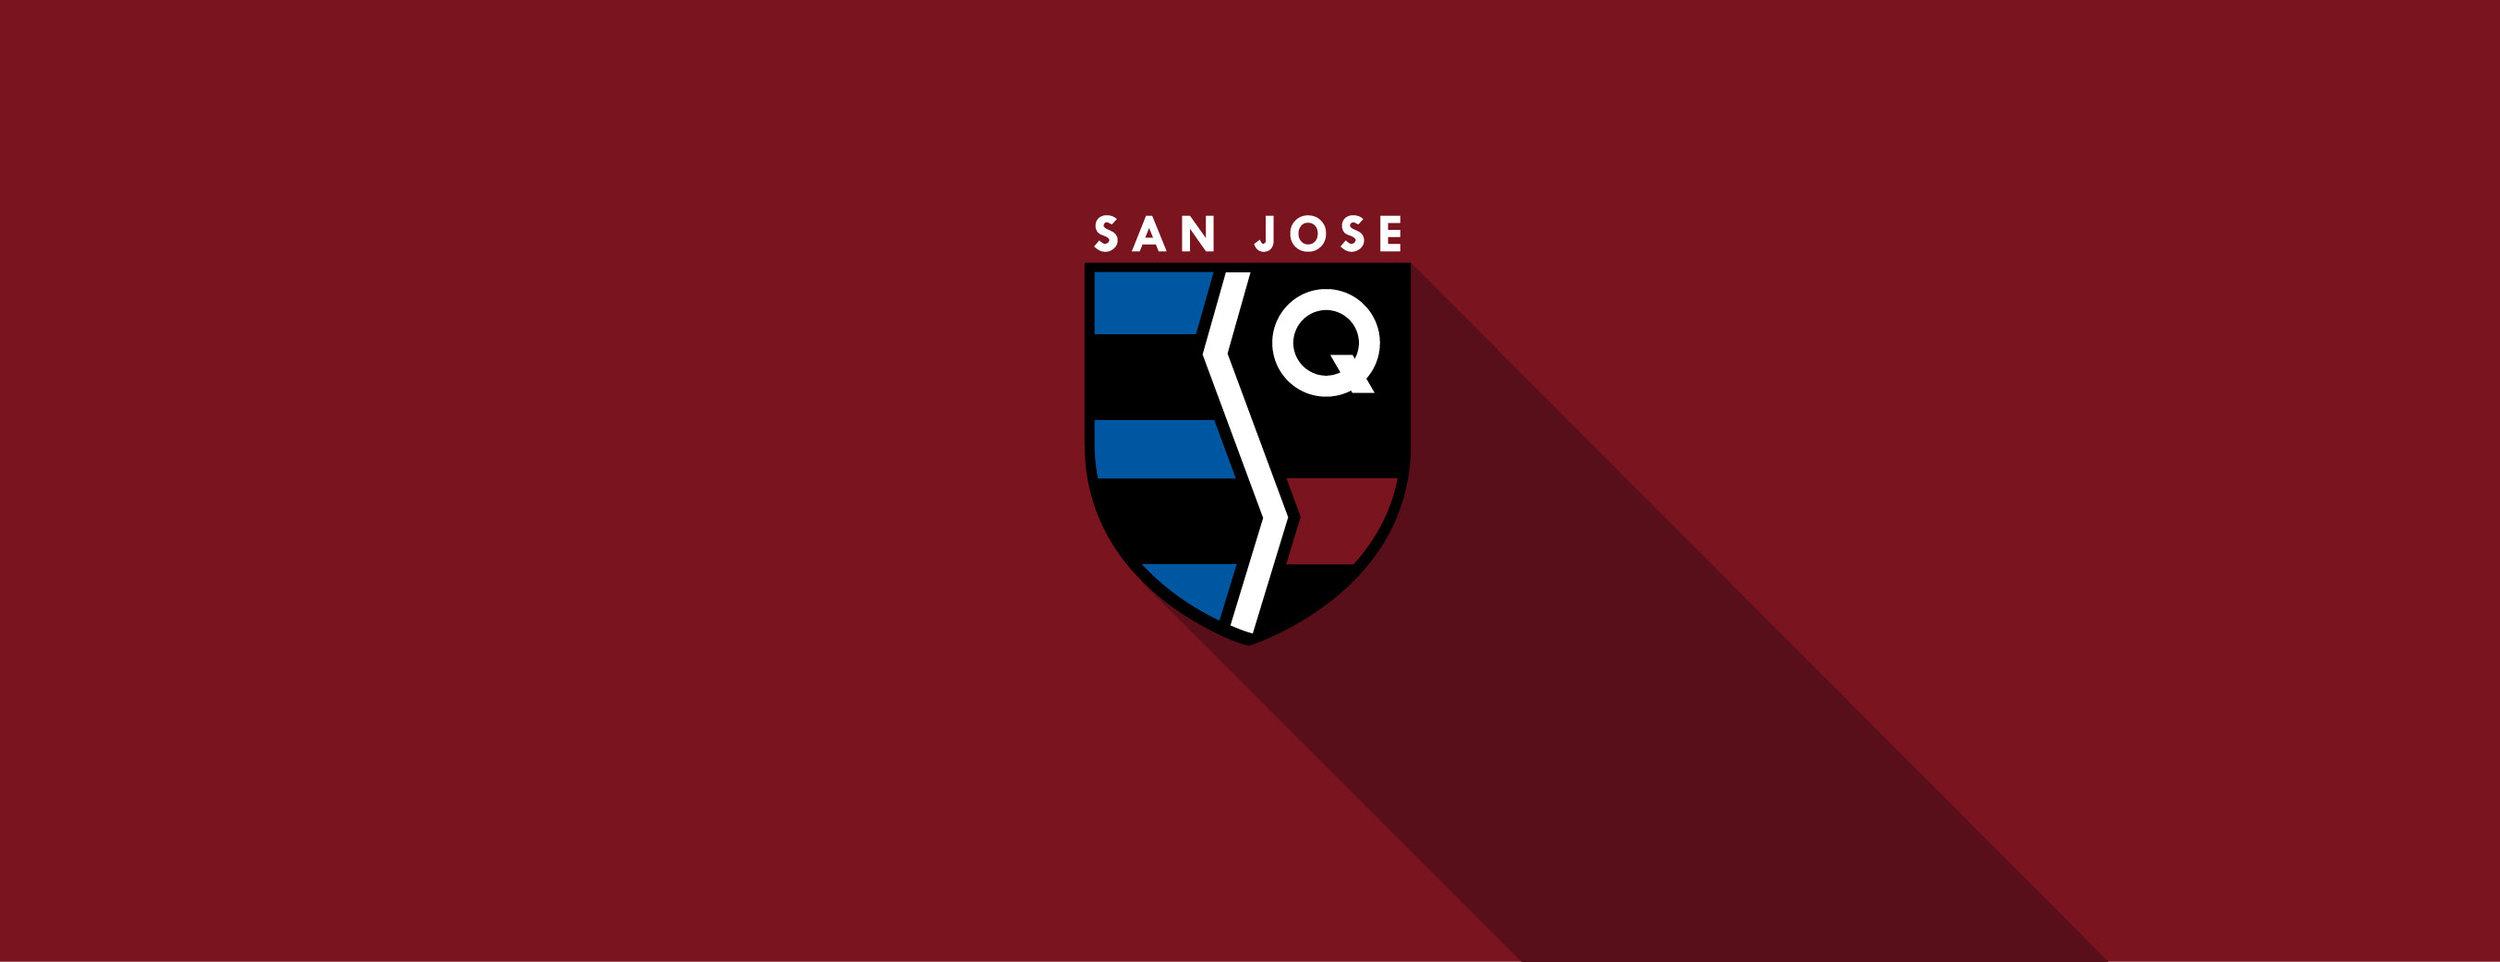 San Jose - Rebrand.jpg